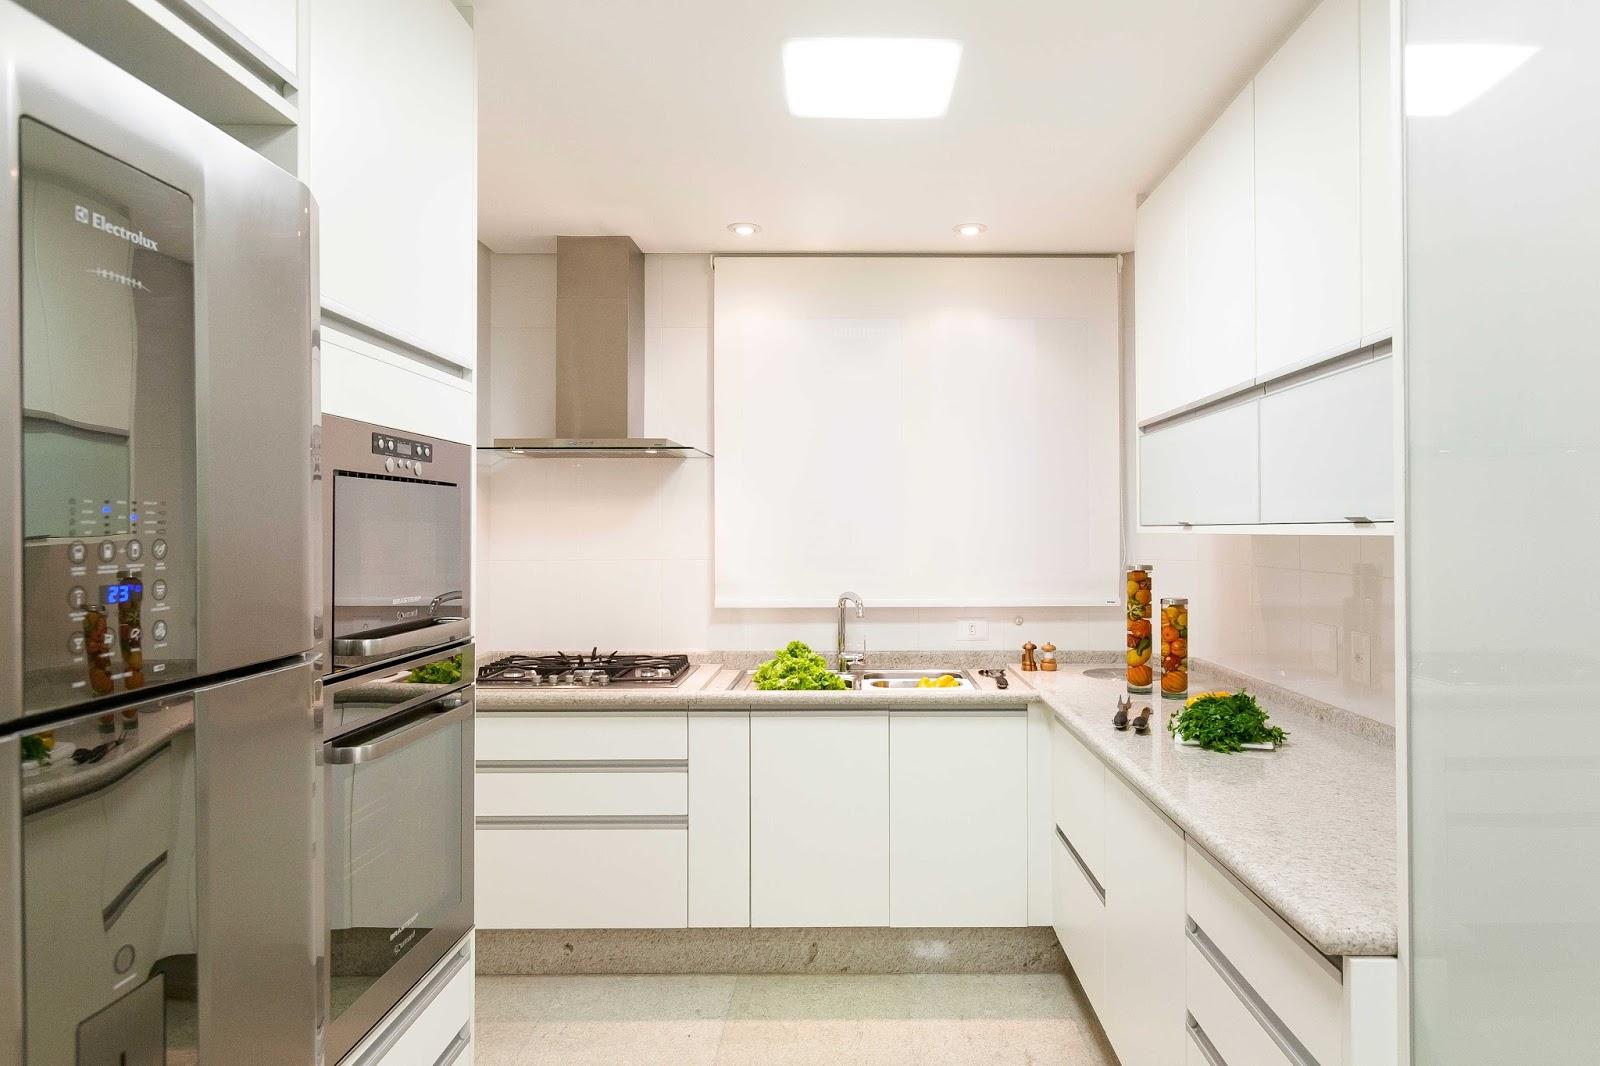 Another Image For Cozinha com bancada e tampos revestidos de granito  #AD6E1E 1600 1066